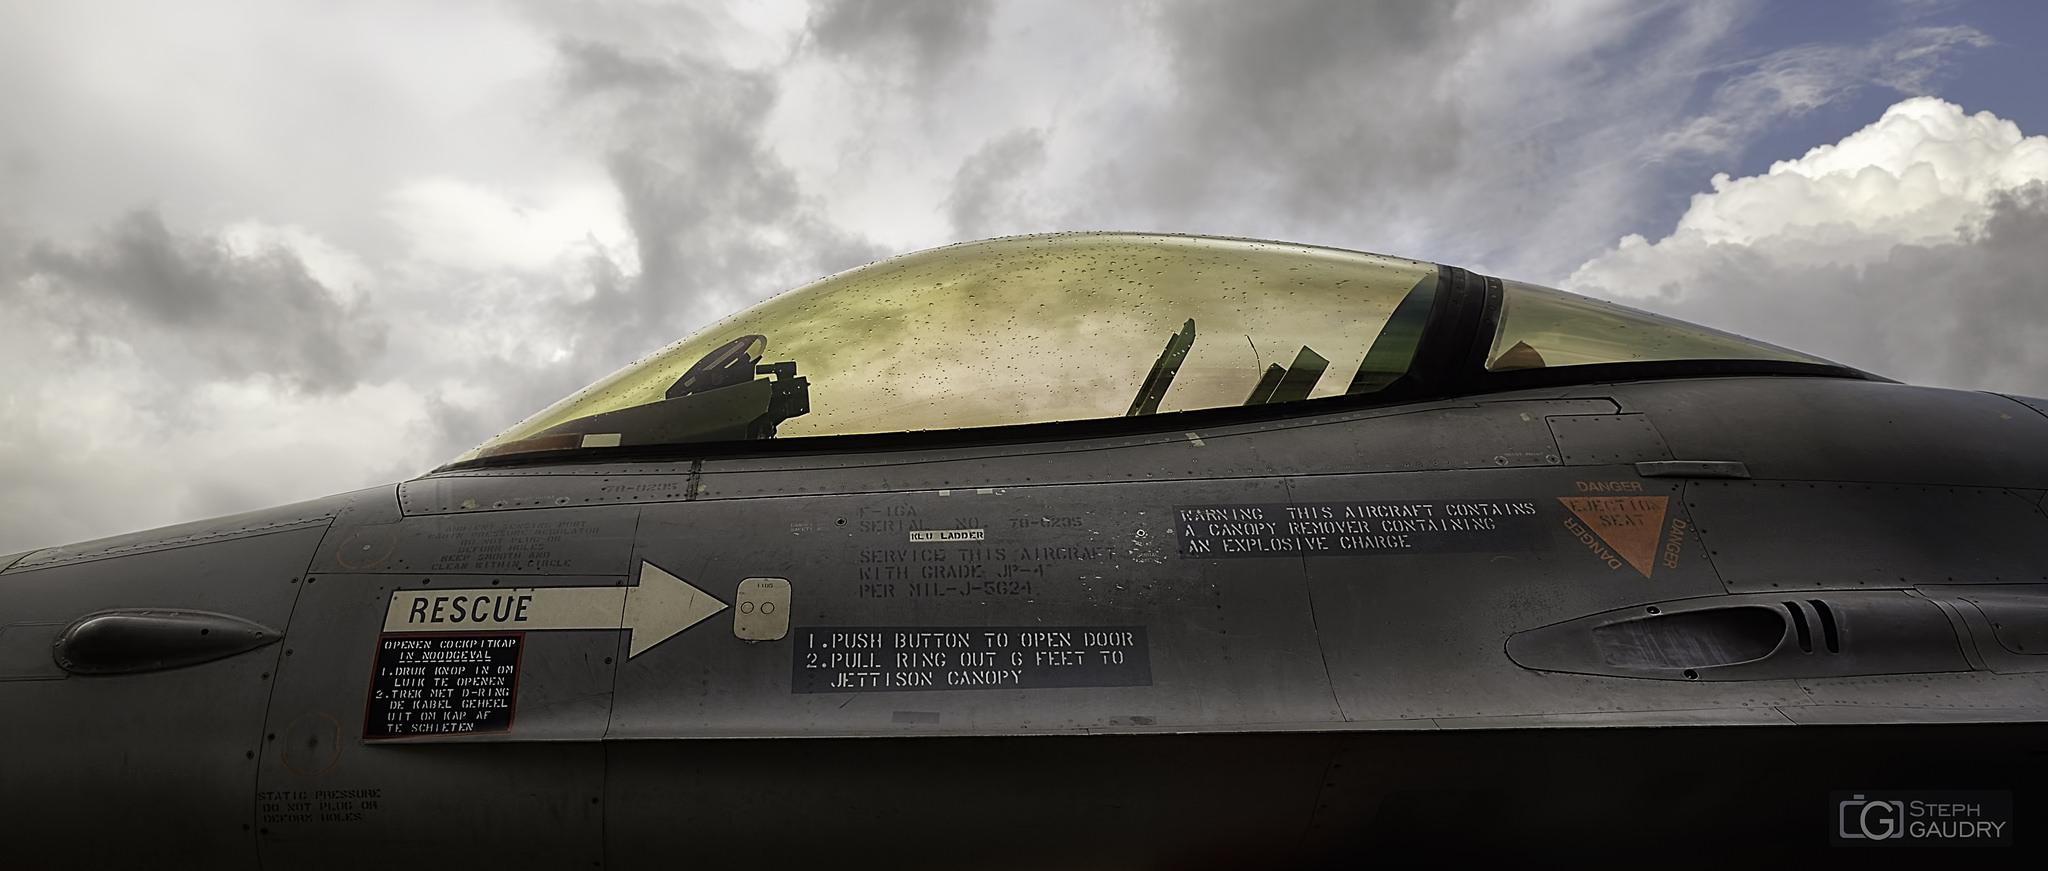 F-16 cockpit v2 [Cliquez pour lancer le diaporama]